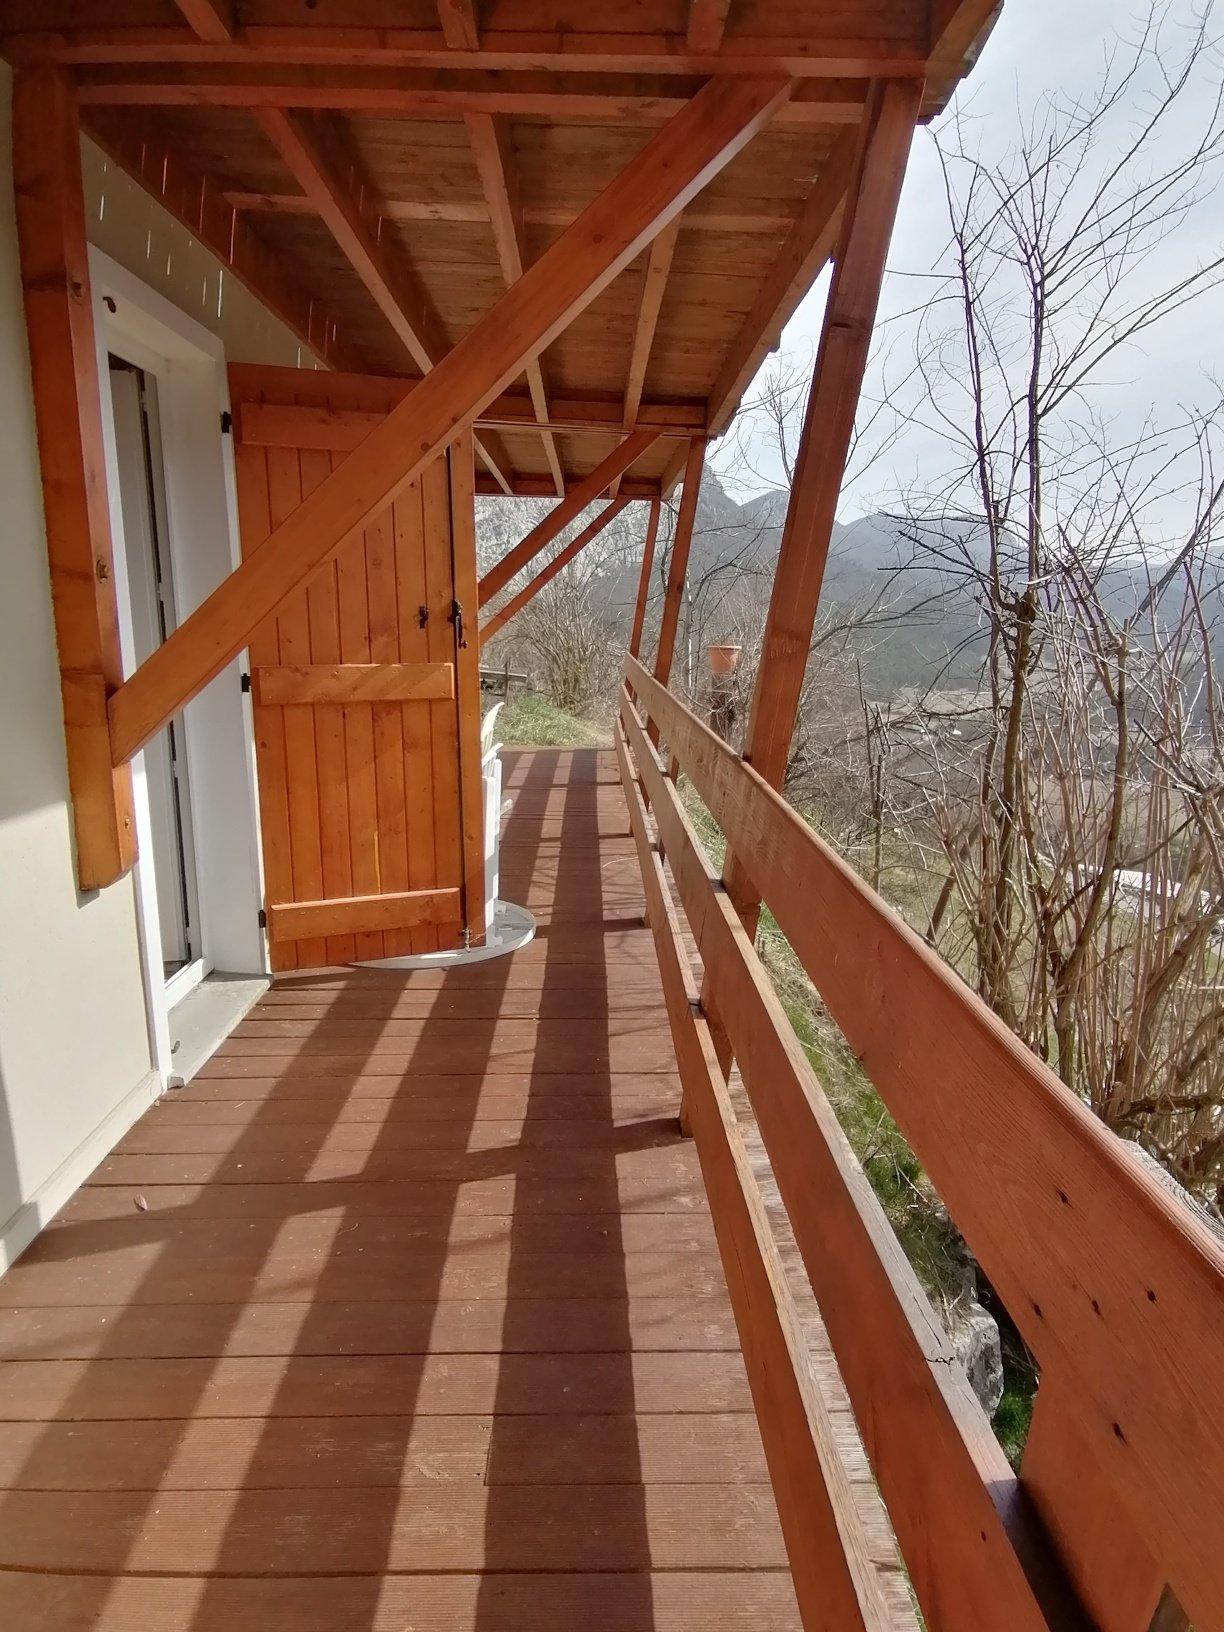 SALE HOUSE IN SAINT-AUBAN